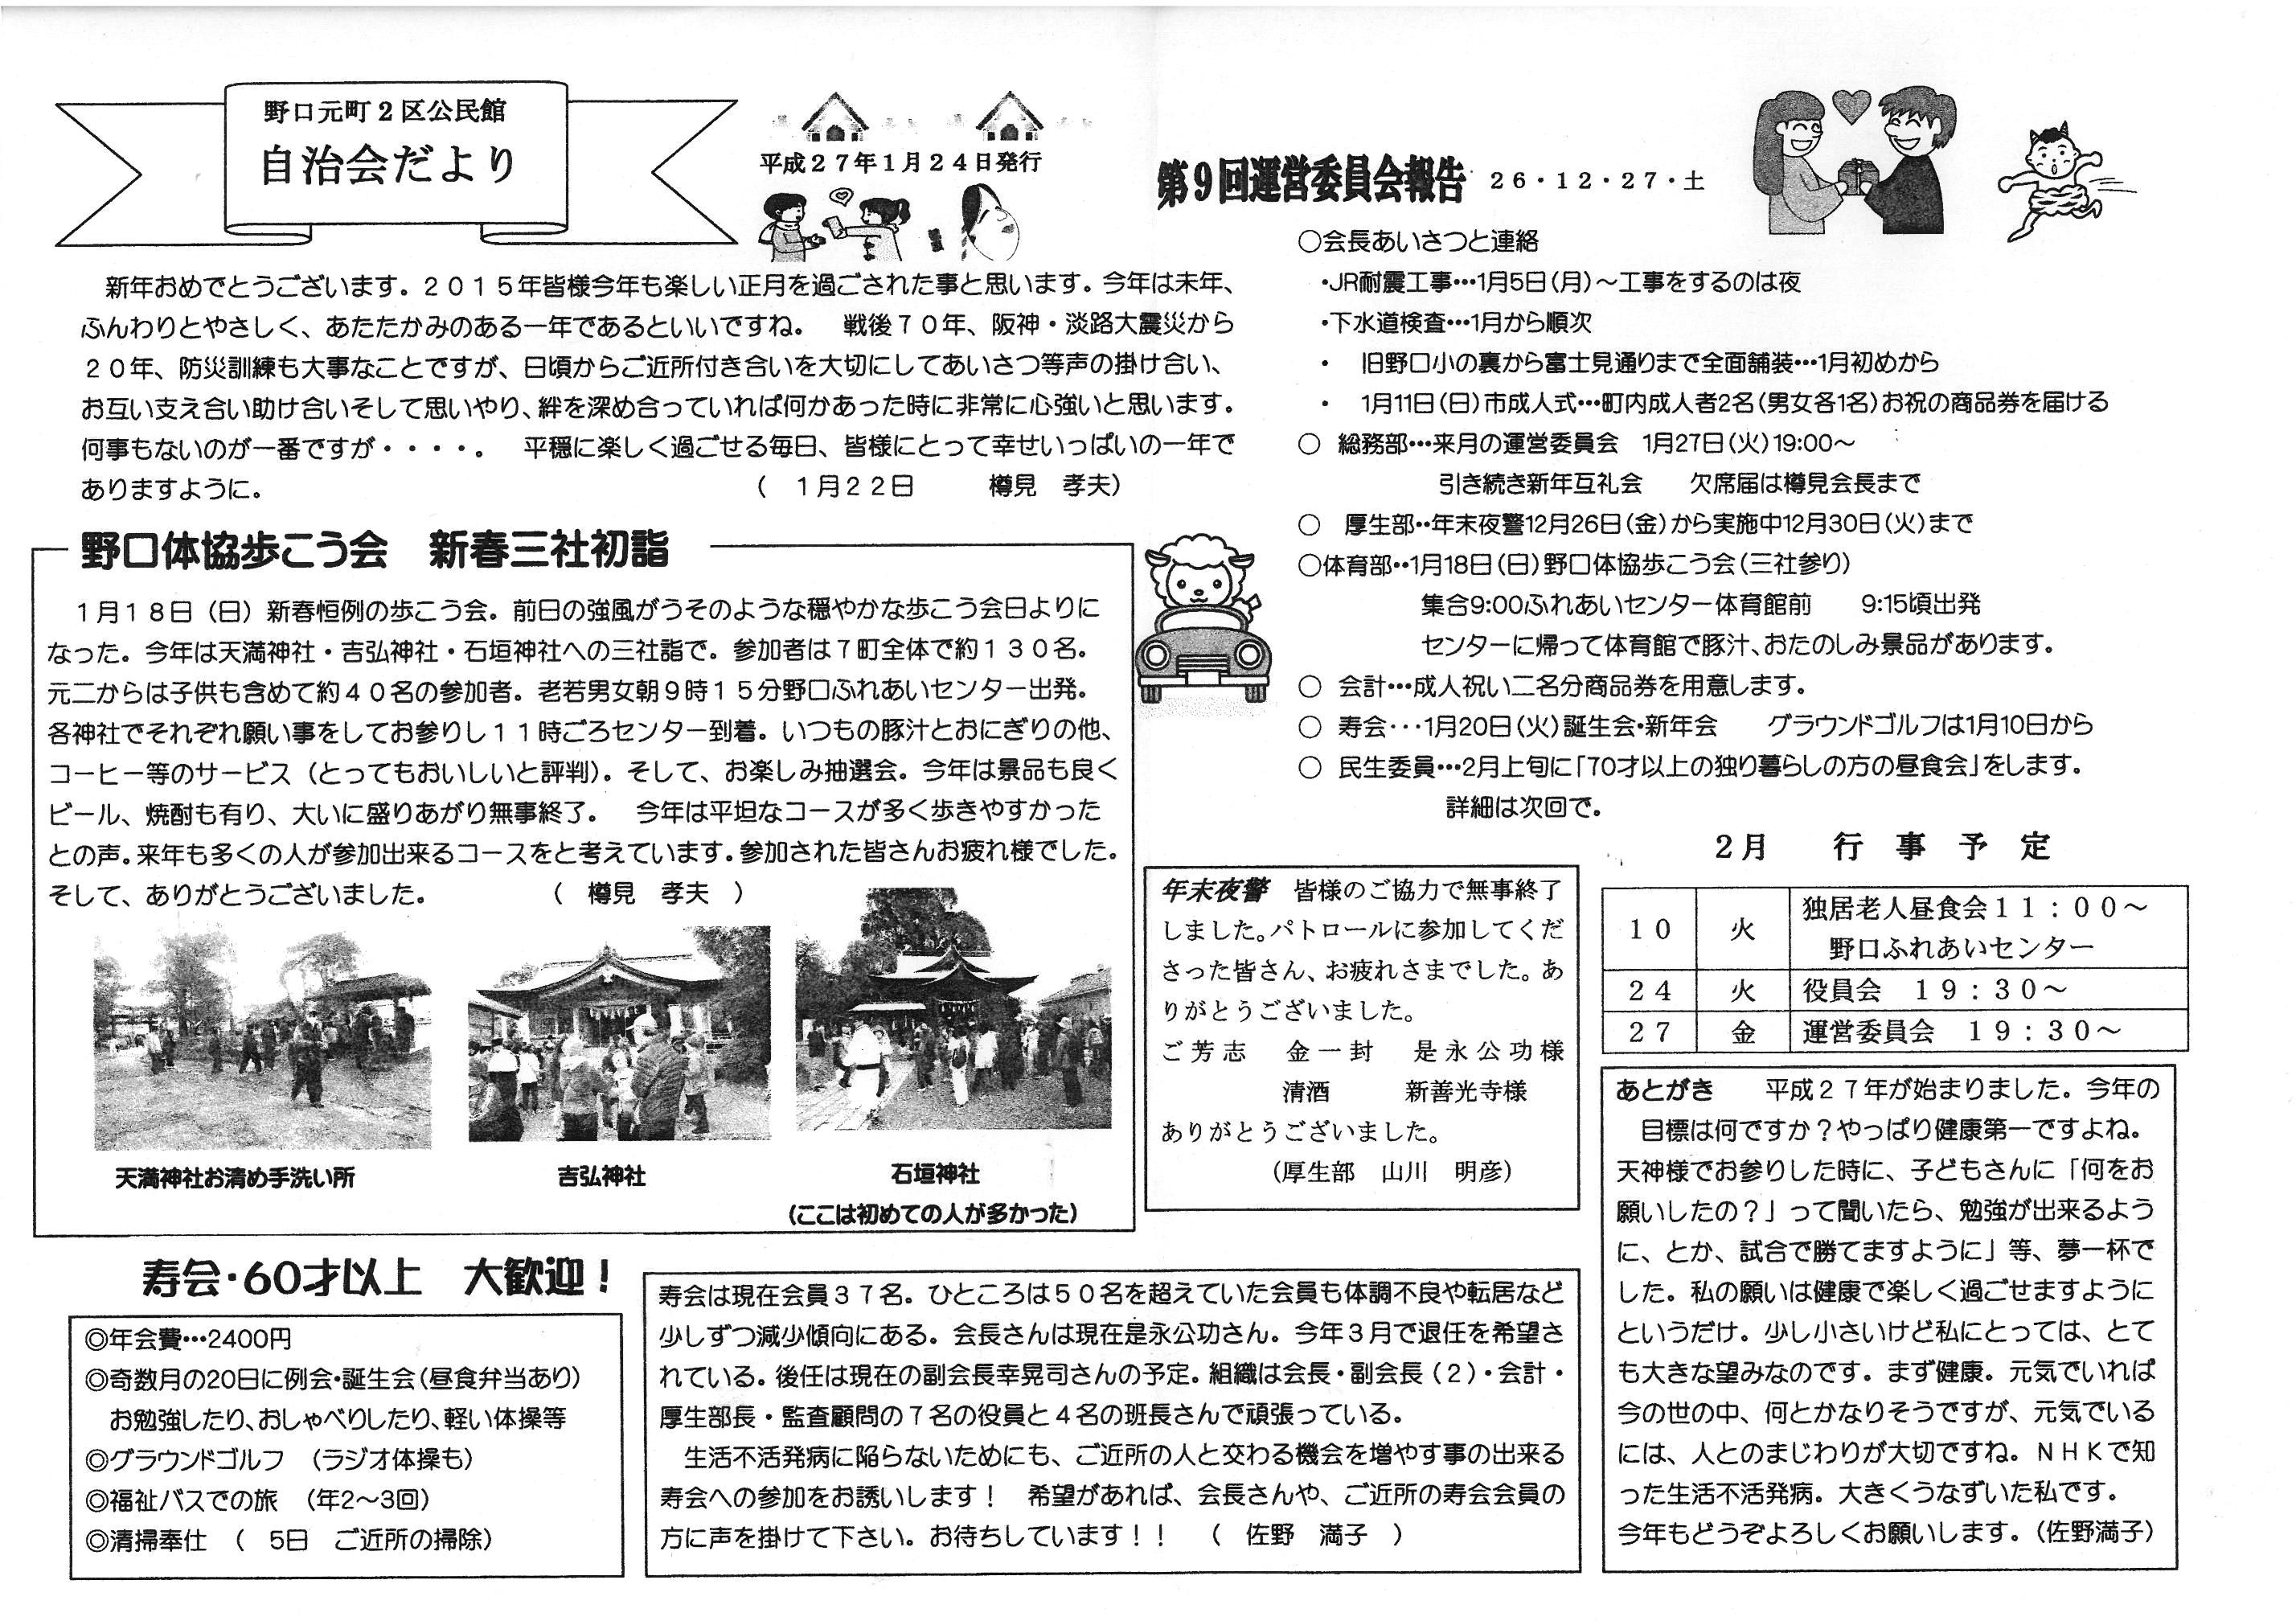 noguchimotomachi2ku_2015_02